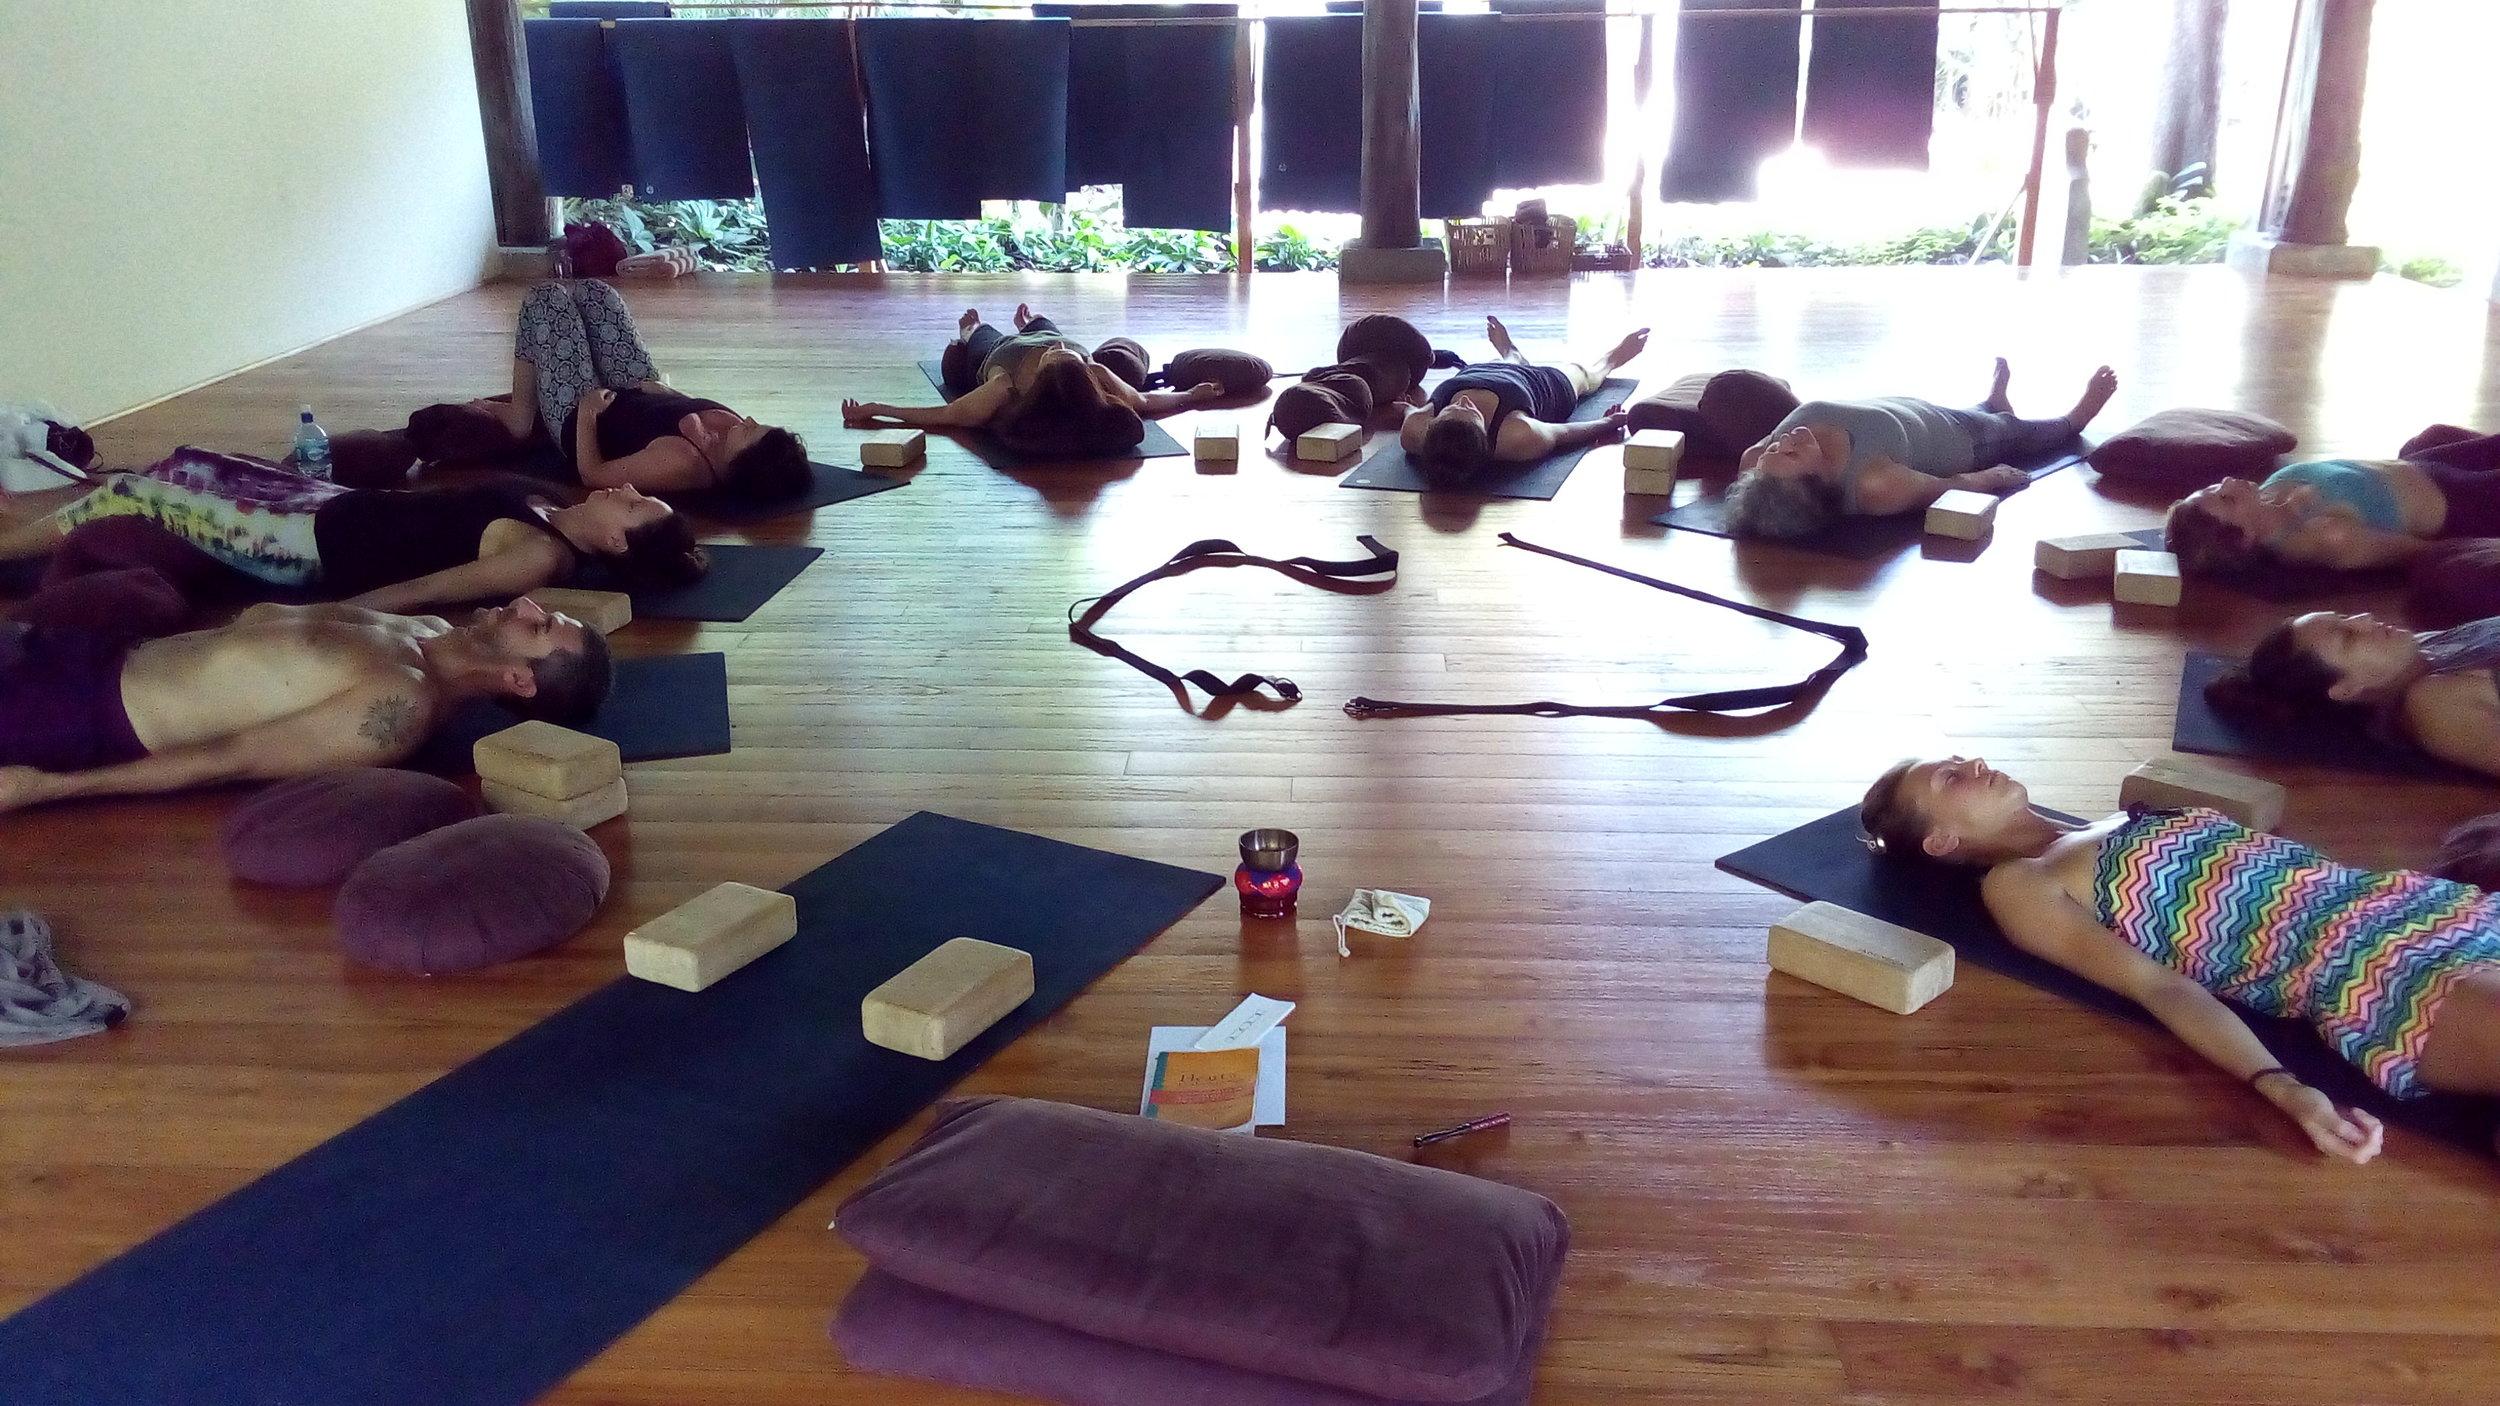 毎週教えていた、瞑想クラス。結局は、自分がプラクティスしていることしか、教えられない。You can share only what you practice.